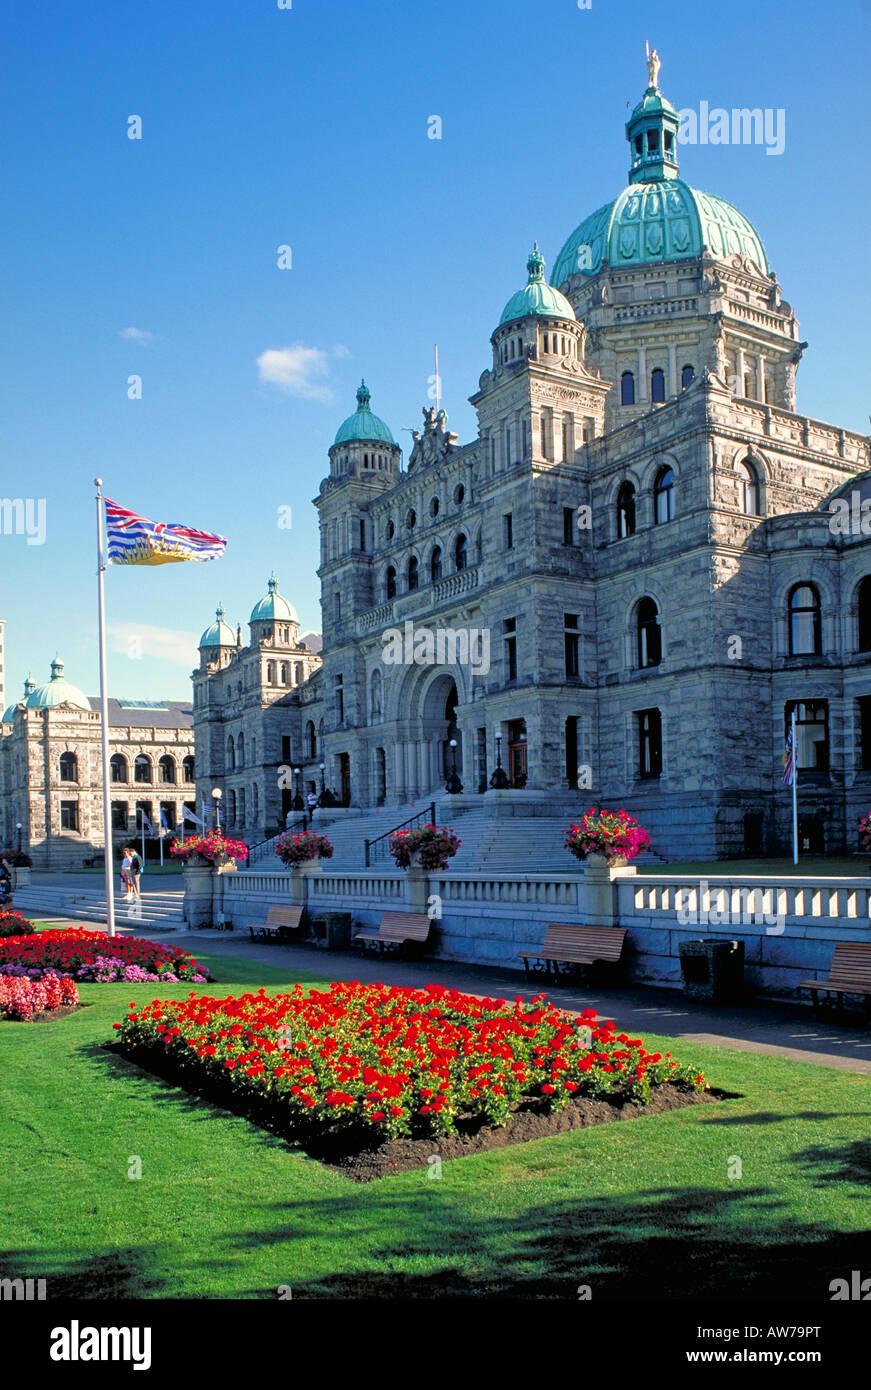 1077 Elk142 Canada Victoria British Columbia Parliament Building Francis Rattenbury architecte 1894-1898 Photo Stock